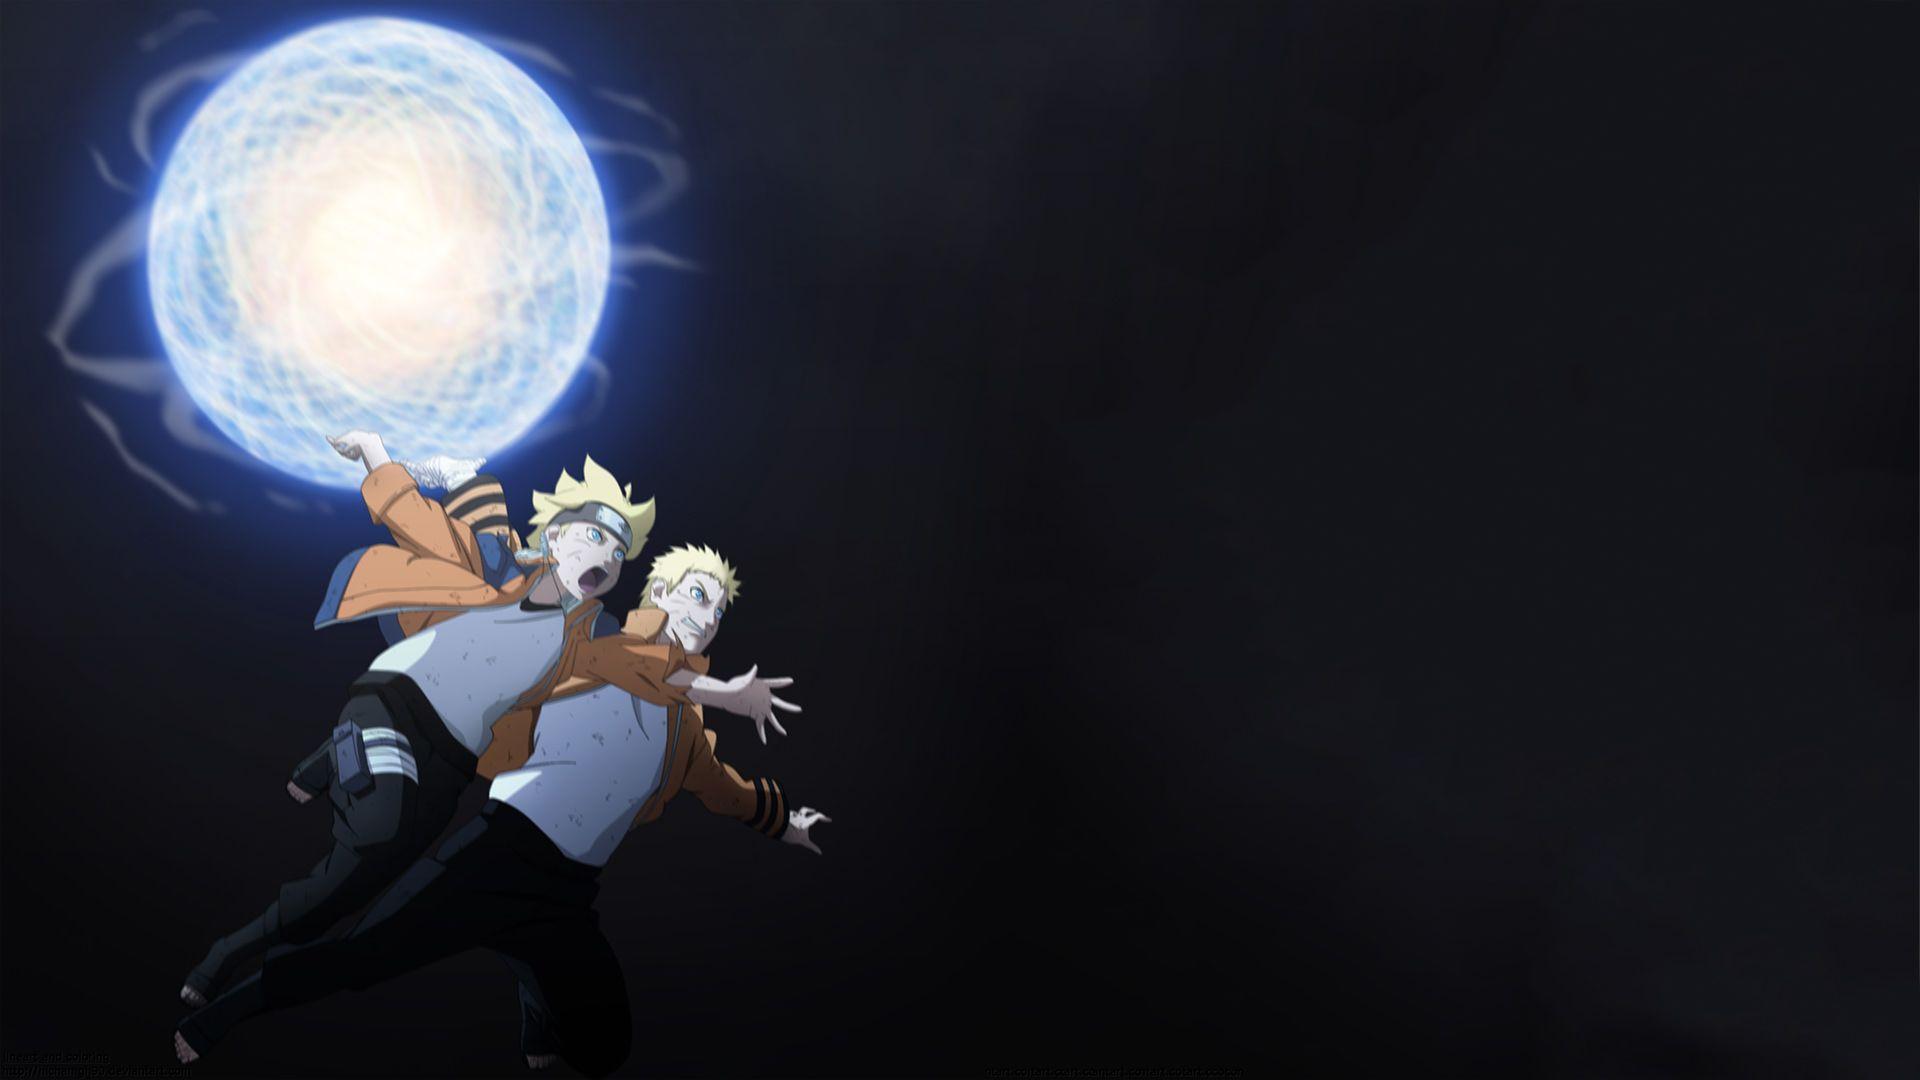 Naruto Shippuden Wallpaper Rasenshuriken Rasengan Wallpapers Top Free Rasengan Backgrounds Naruto Sage Mode Rasenshuriken Wallpa Wallpaper Anime Boruto Animasi